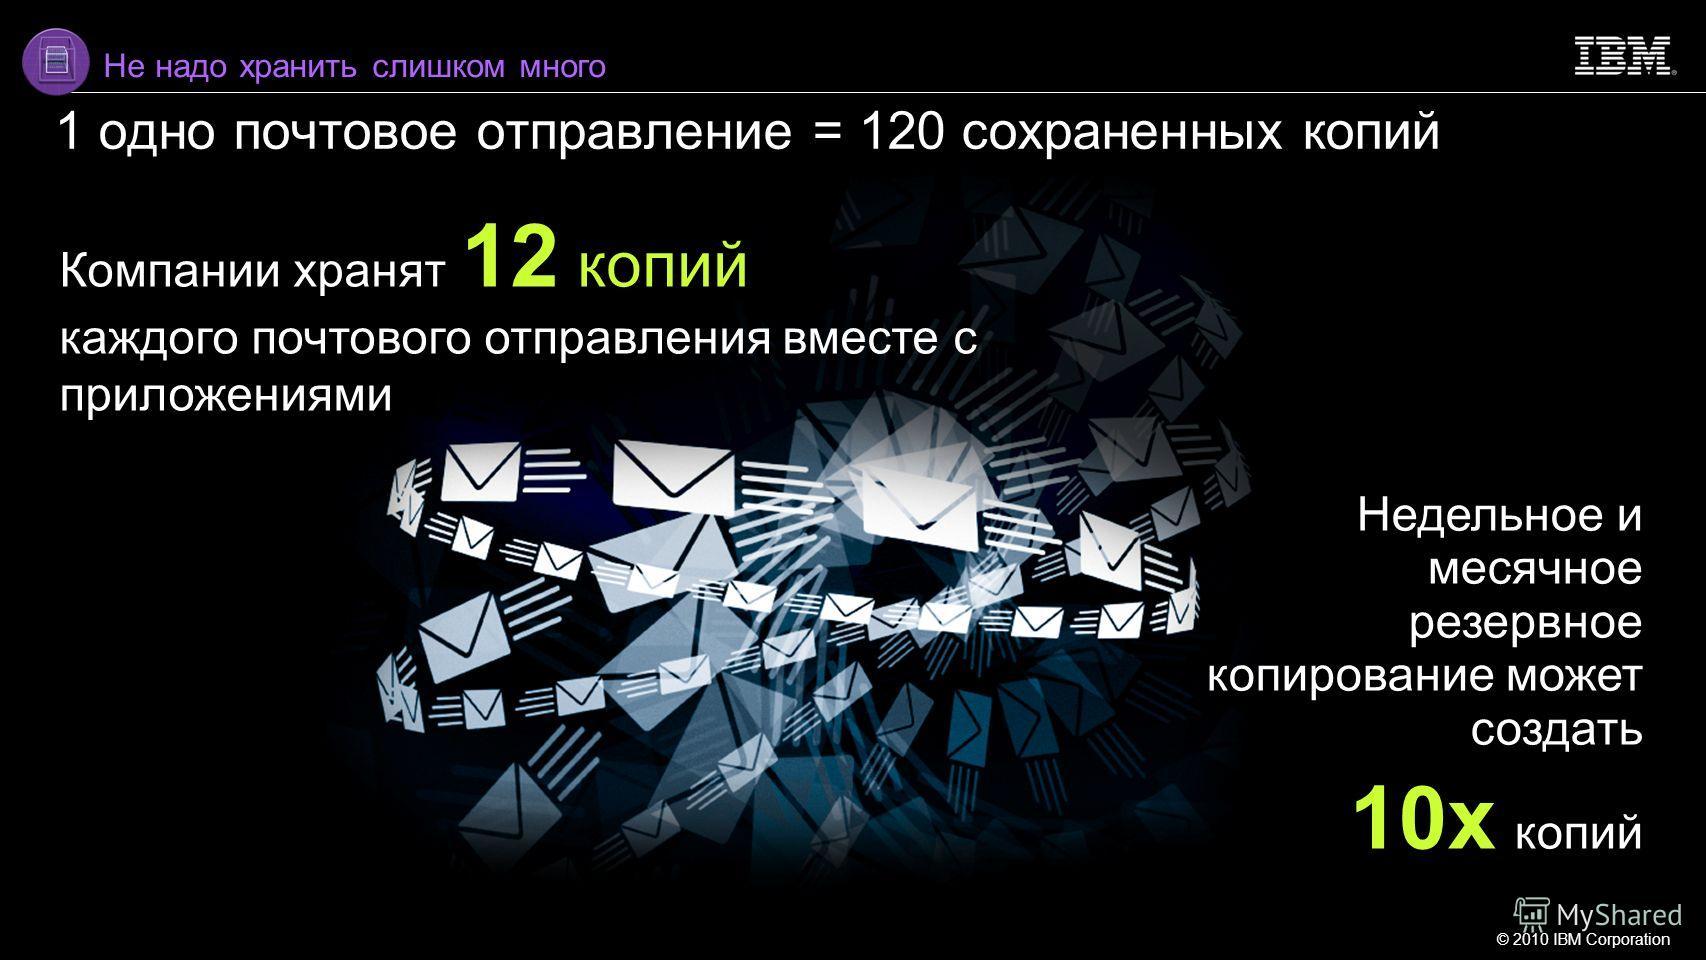 © 2010 IBM Corporation 8 Компании хранят 12 копий каждого почтового отправления вместе с приложениями Недельное и месячное резервное копирование может создать 10x копий Не надо хранить слишком много 1 одно почтовое отправление = 120 сохраненных копий